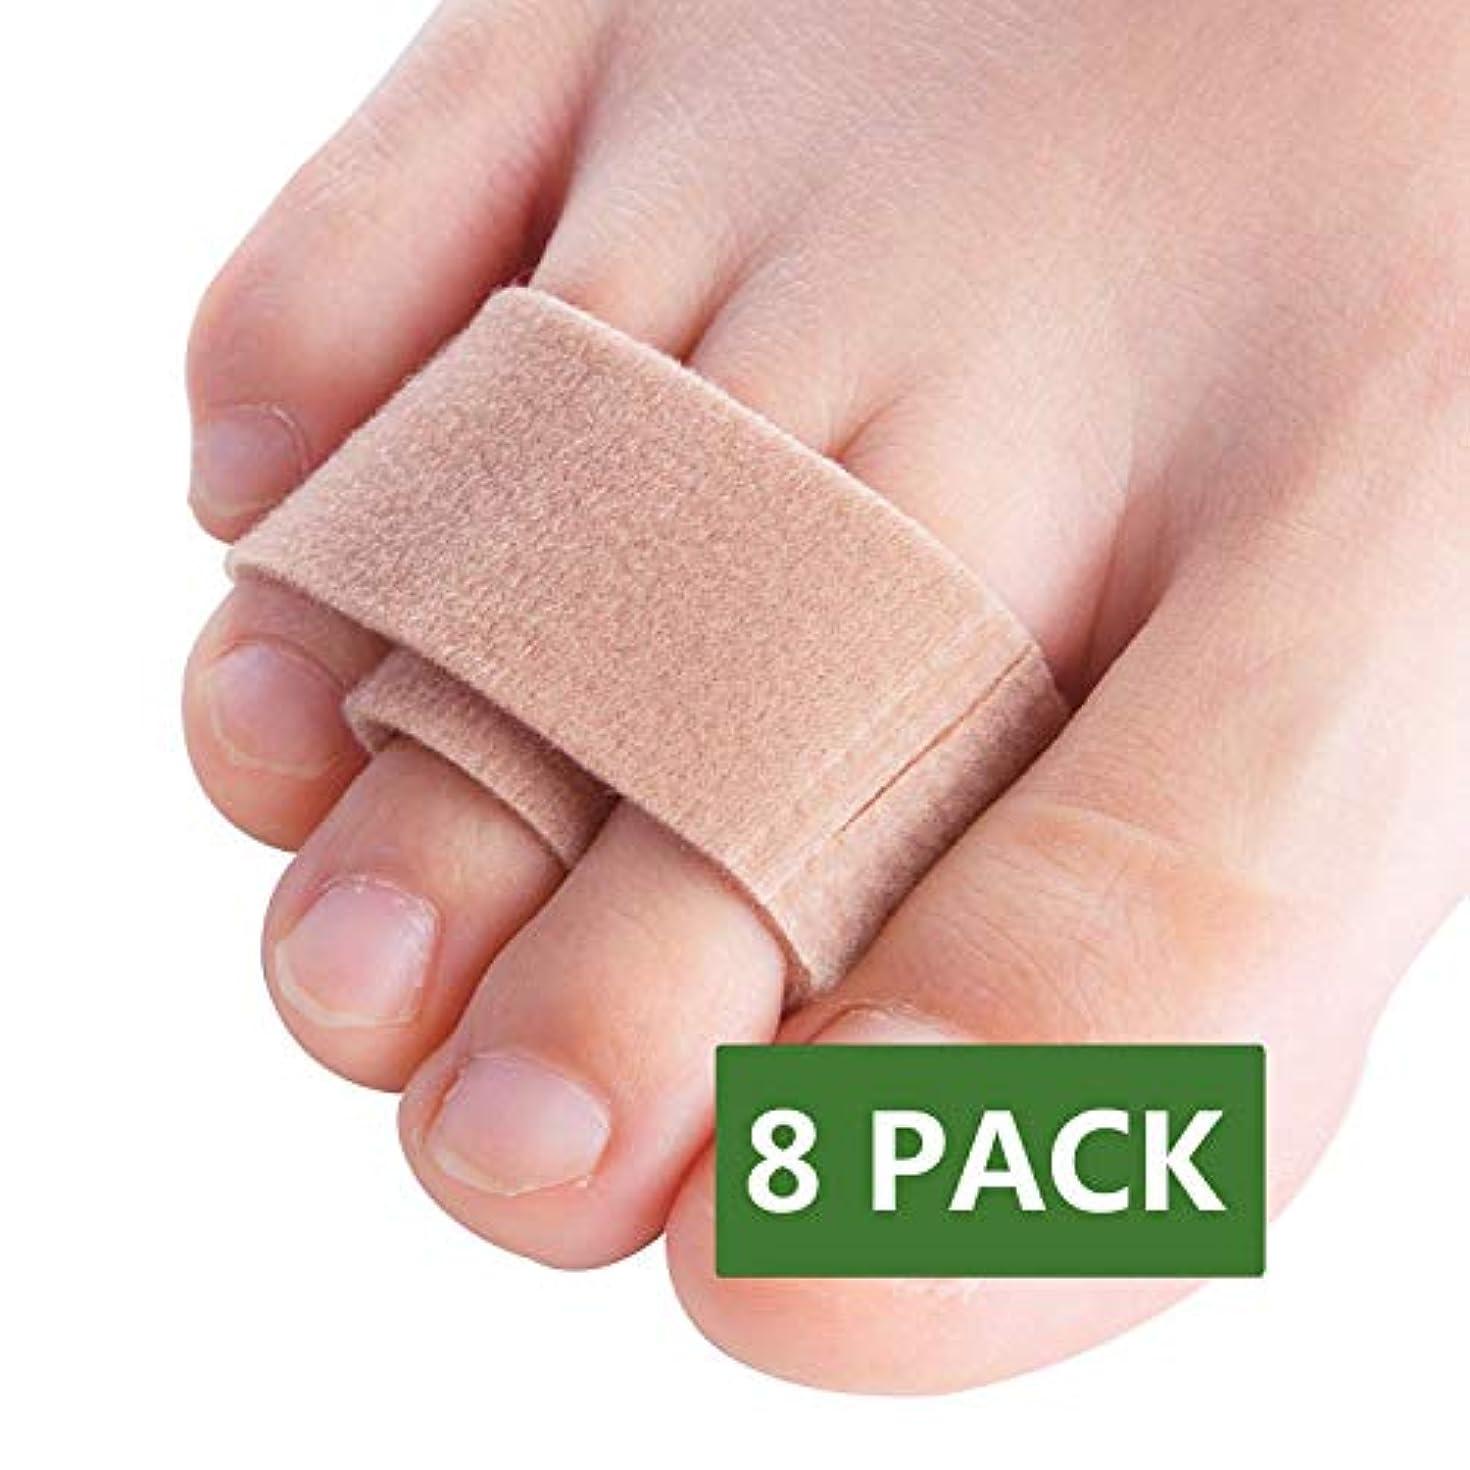 シマウマ靴知人Povihome ハンマーつま先矯正テープ、つま先がスプリントを包んでハンマーのつま先を再調整8パック、重ねた足の指と曲がった足の指